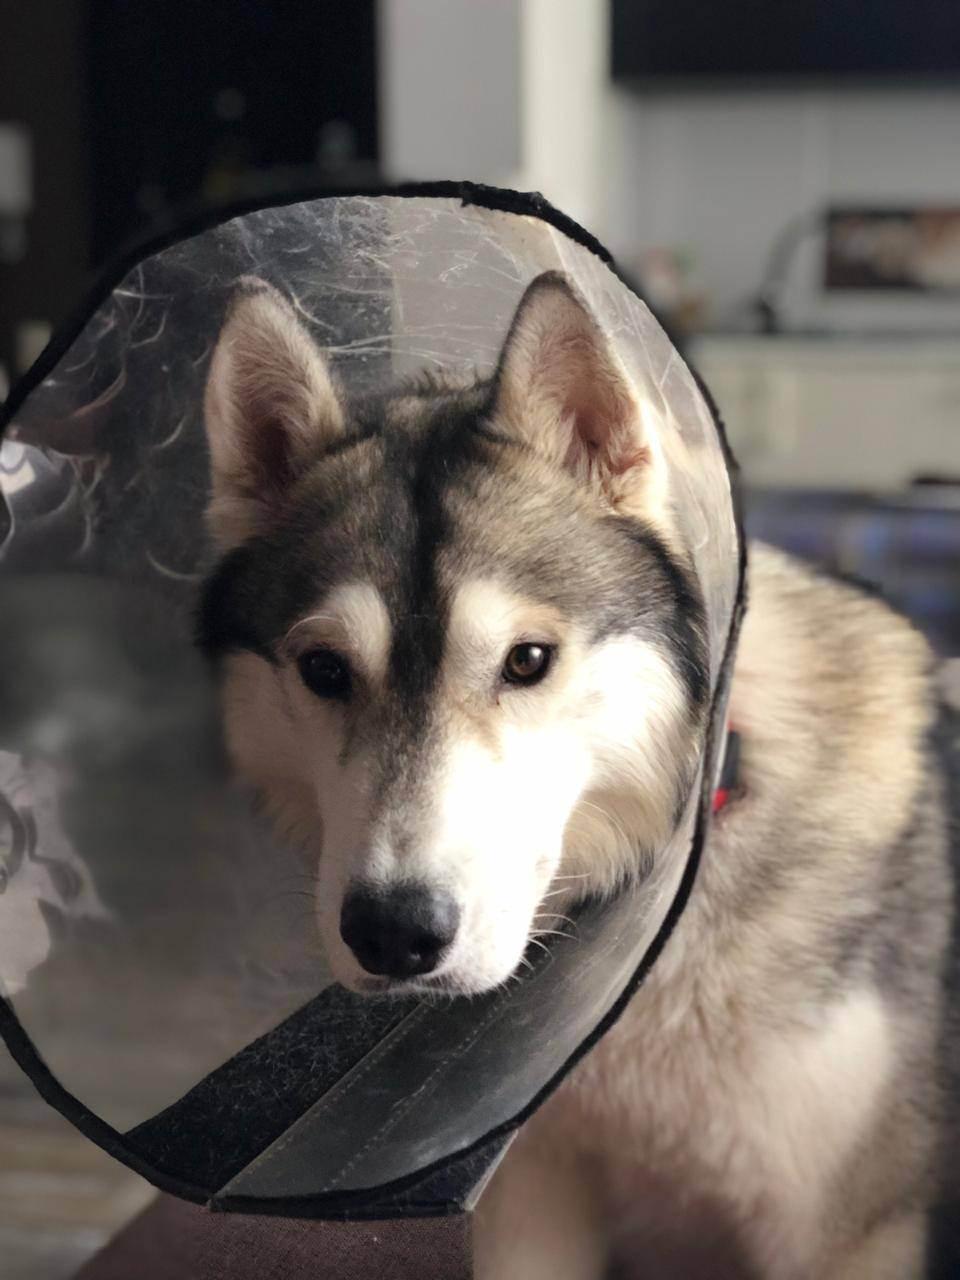 Кастрация или стерилизация собаки, в чем отличия и что лучше